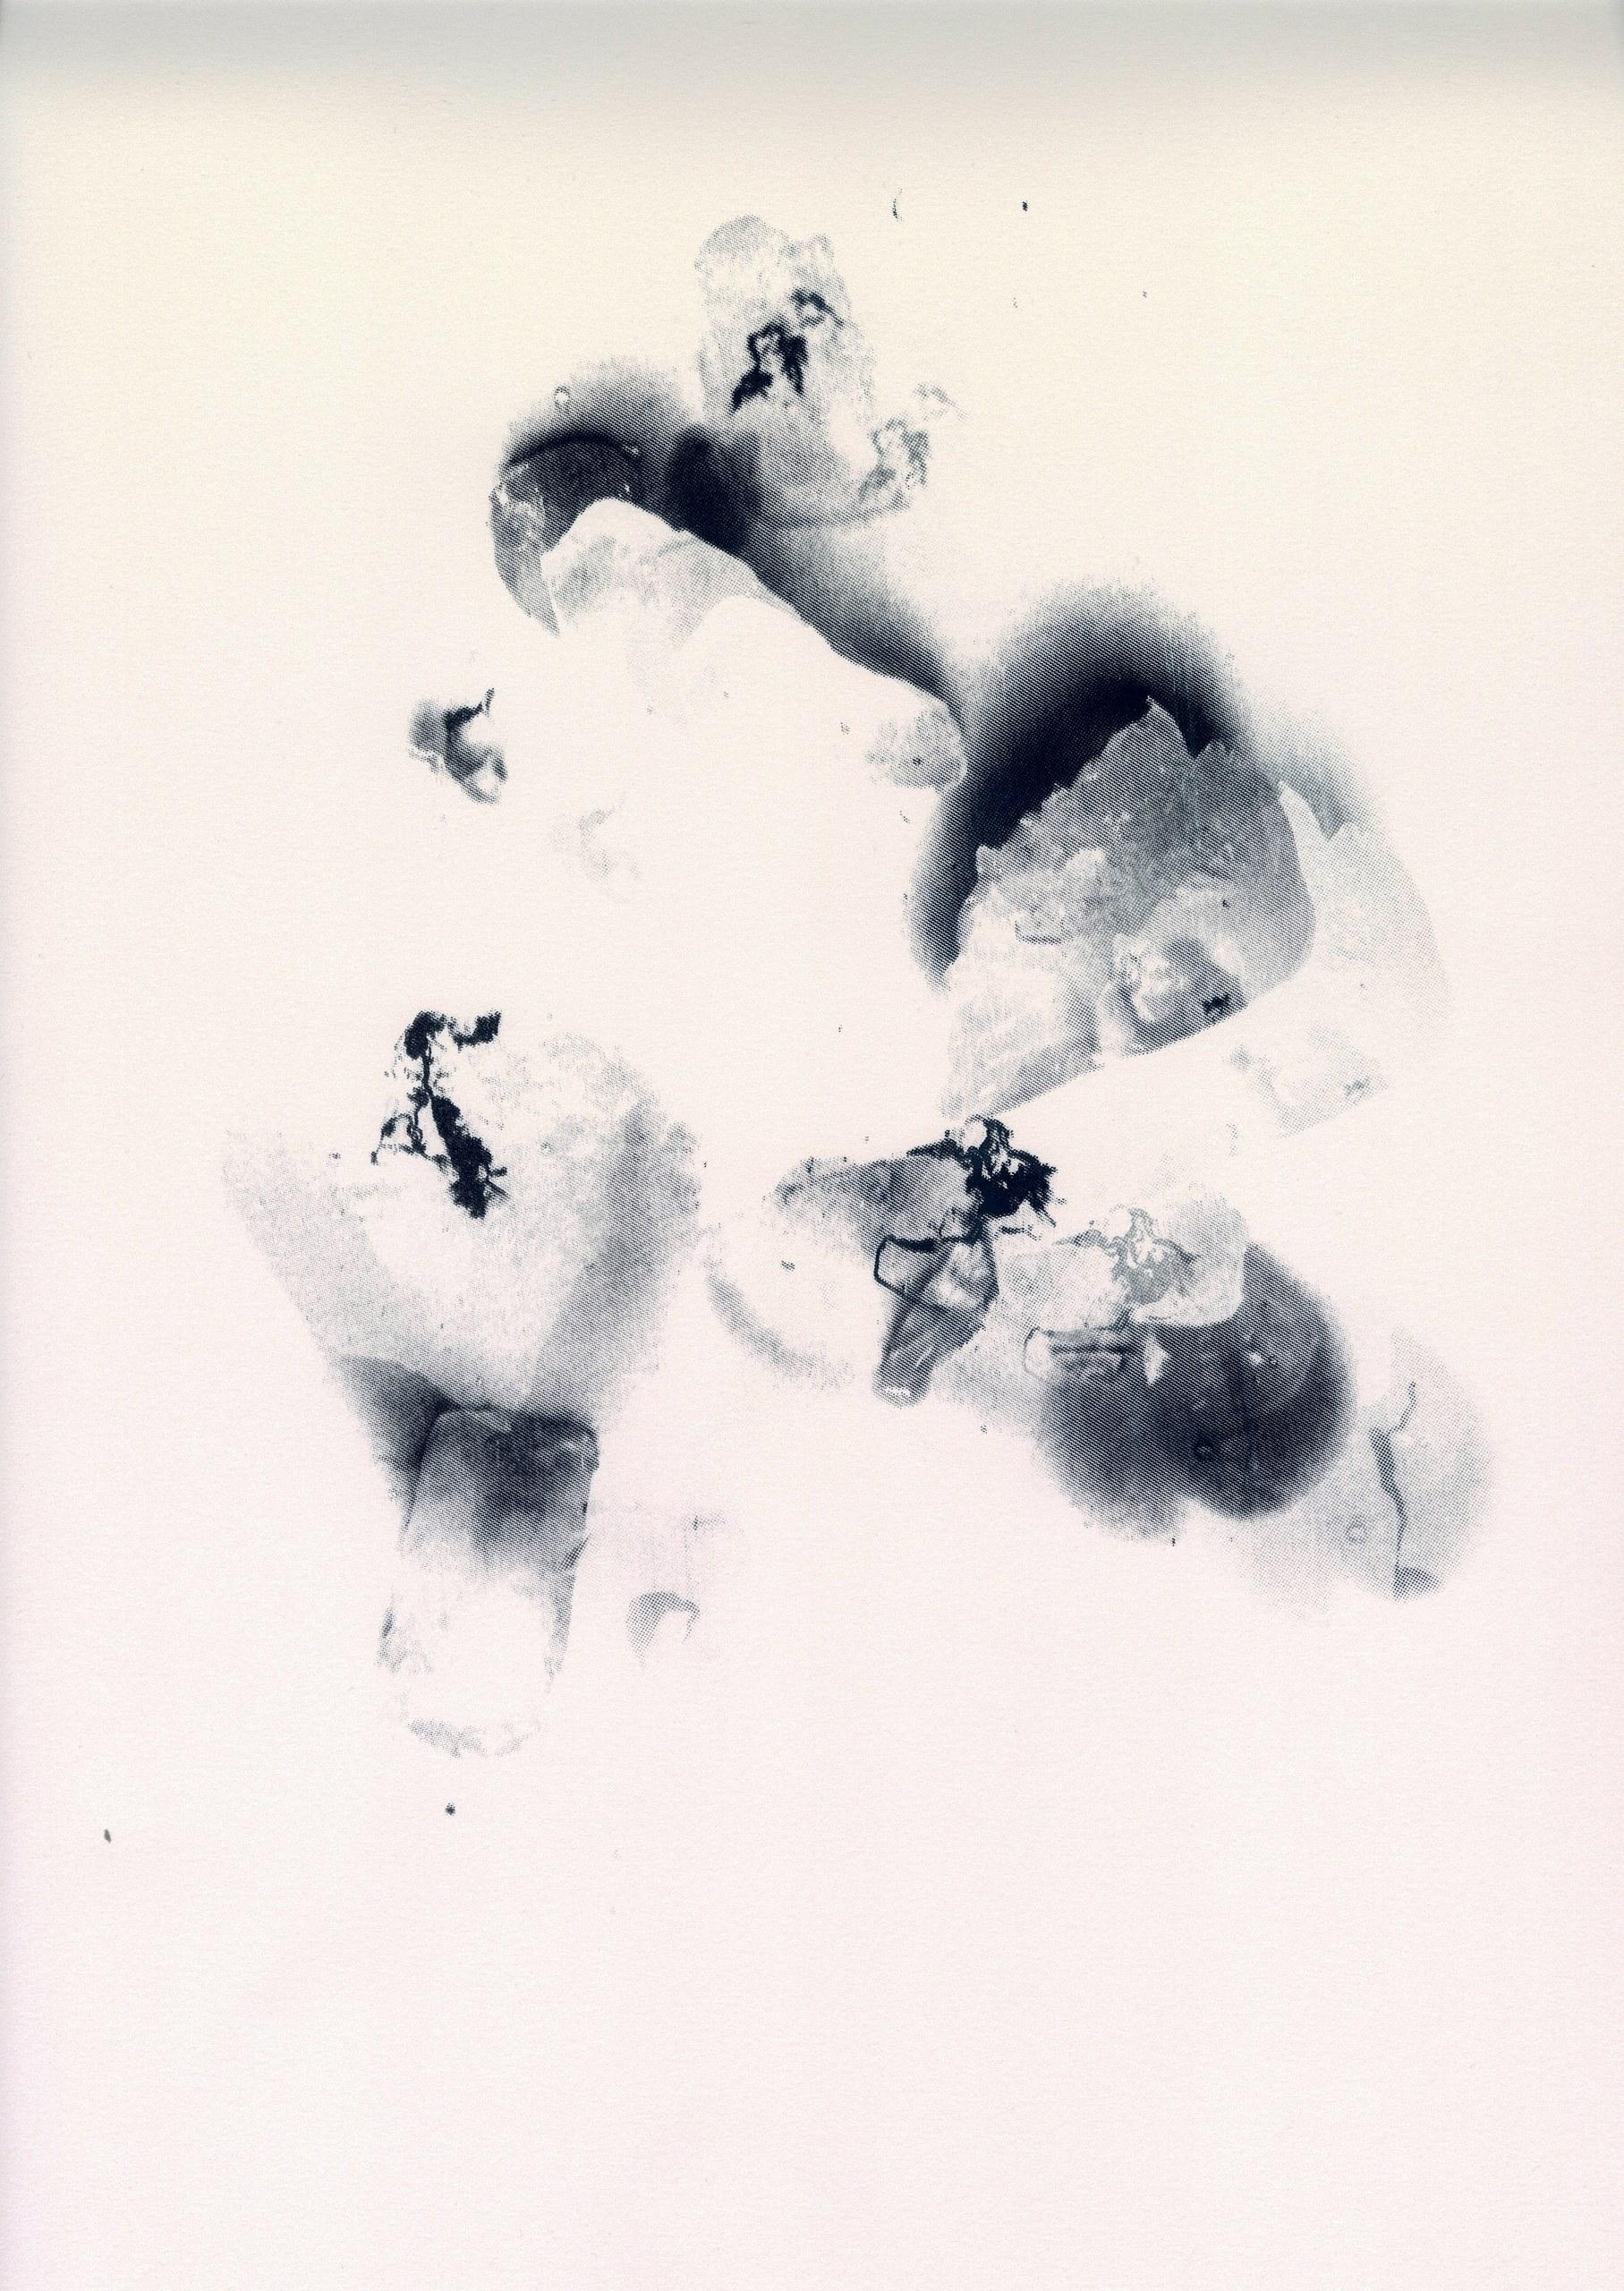 Ice fragments